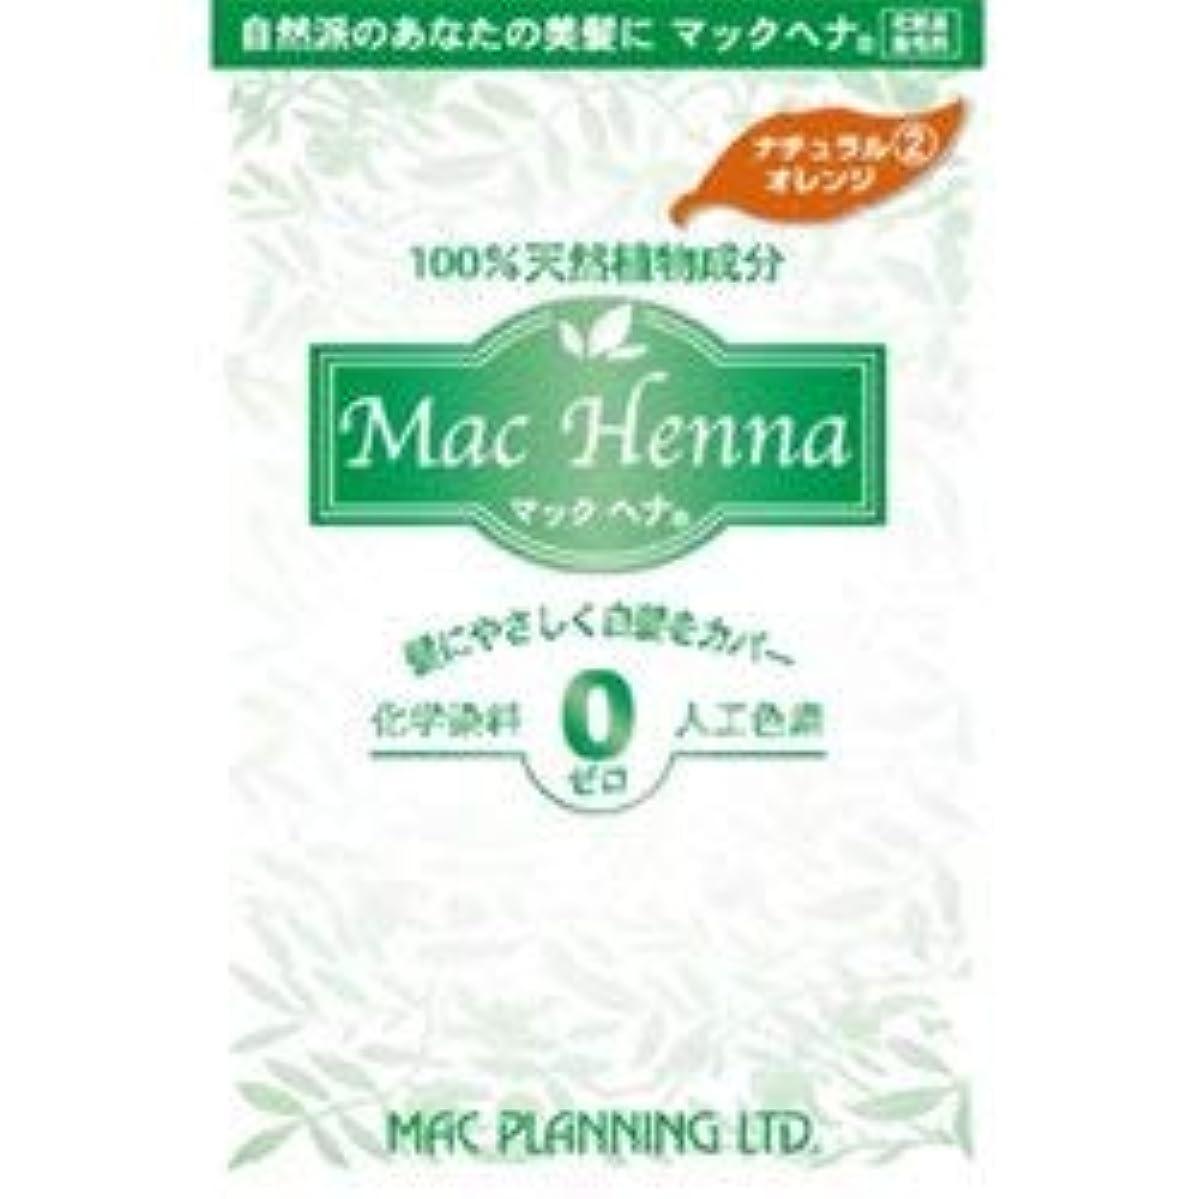 理論アヒル拡散する【マックプランニング】マック ヘナハーバルヘアートリートメント NOR (100g) ×10個セット